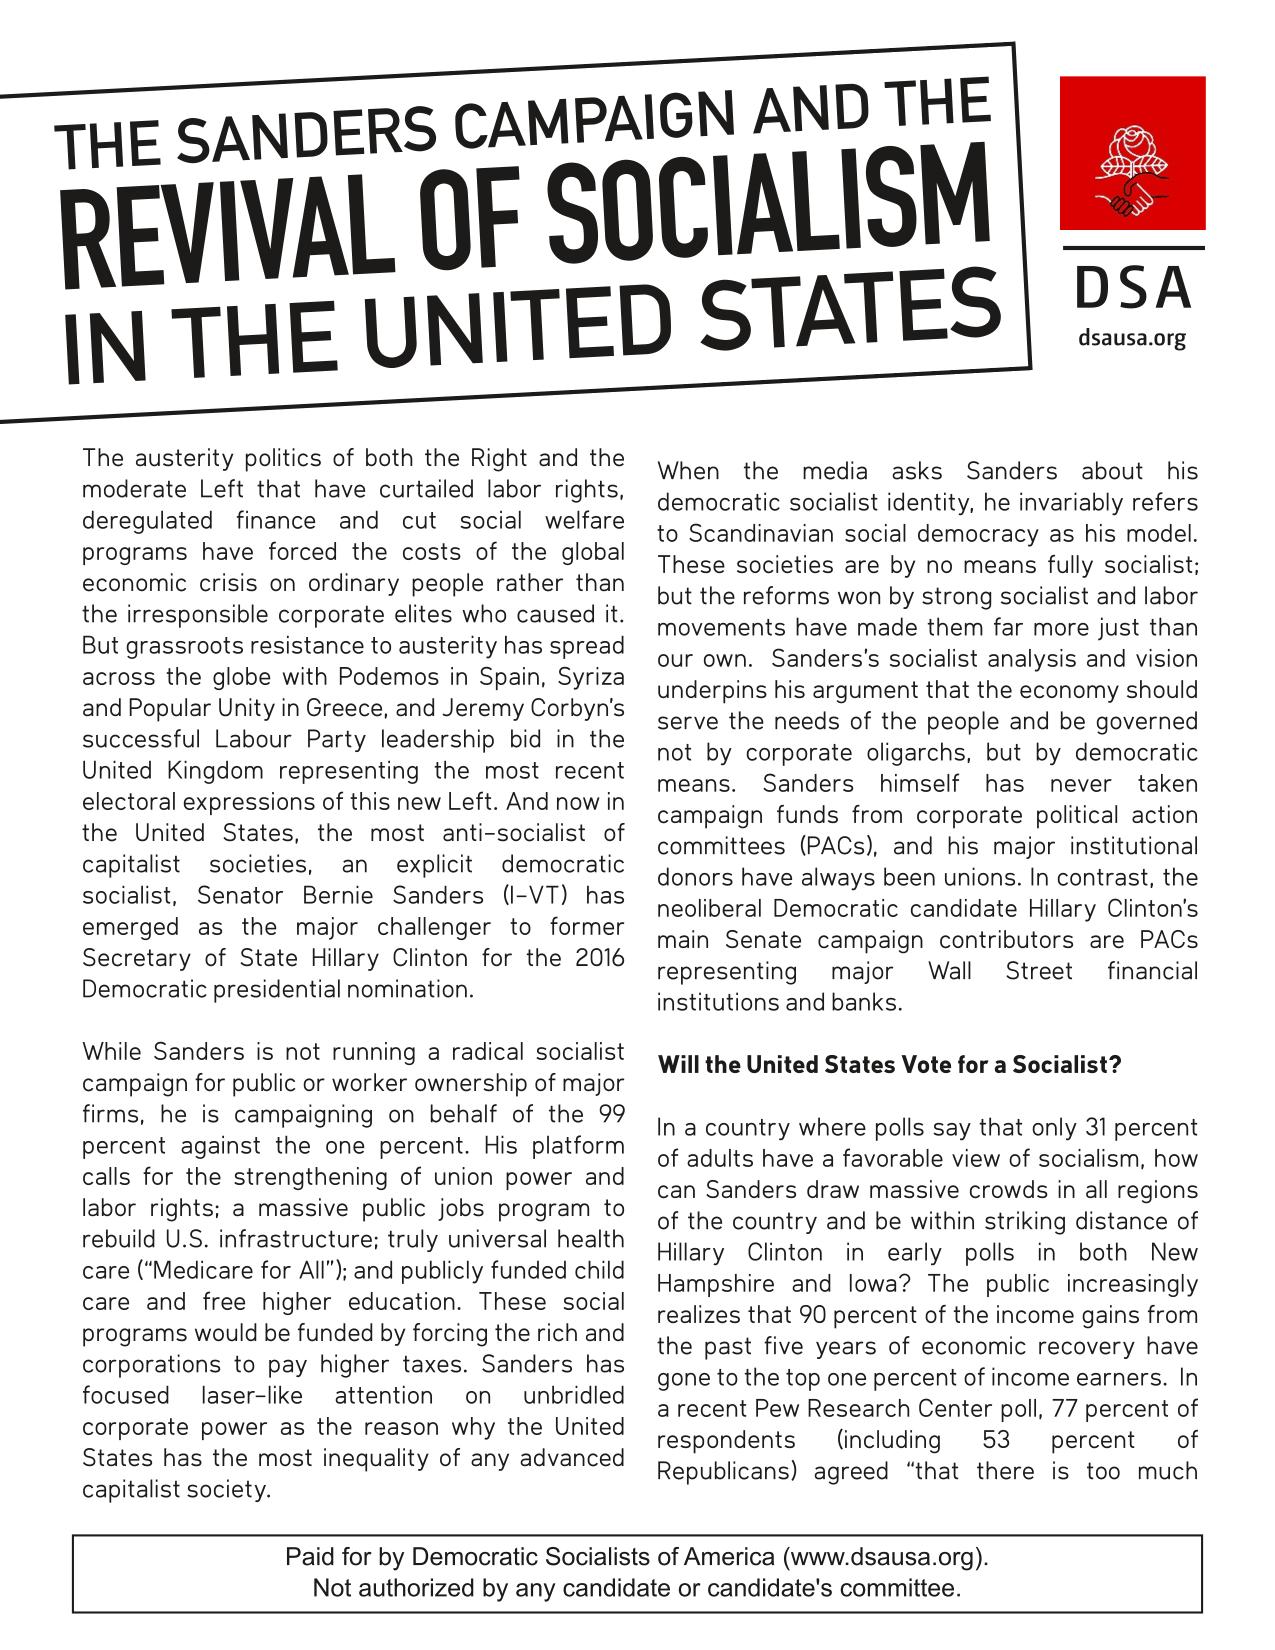 Sanders_Revival_Socialism_B_W.png